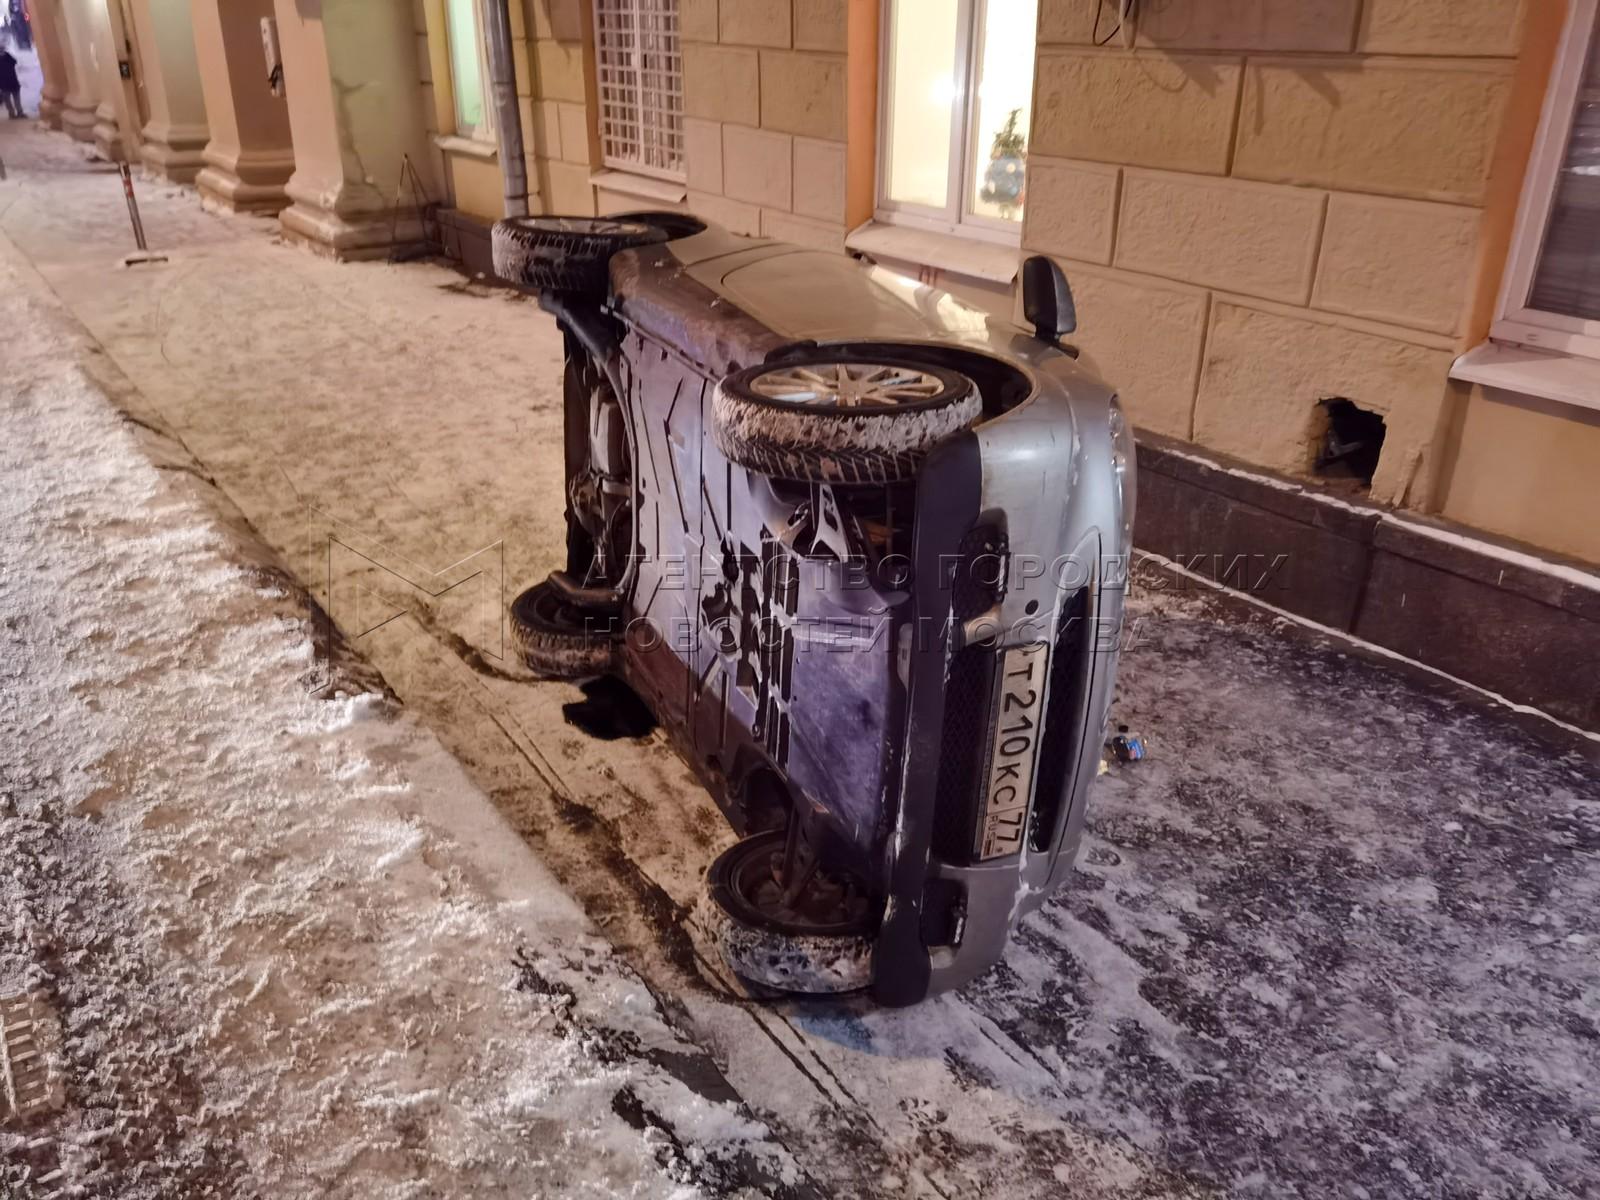 Последствия ДТП с участием опрокинувшегося на бок автомобиля Smart в районе д. 24 на Фрунзенской набережной.